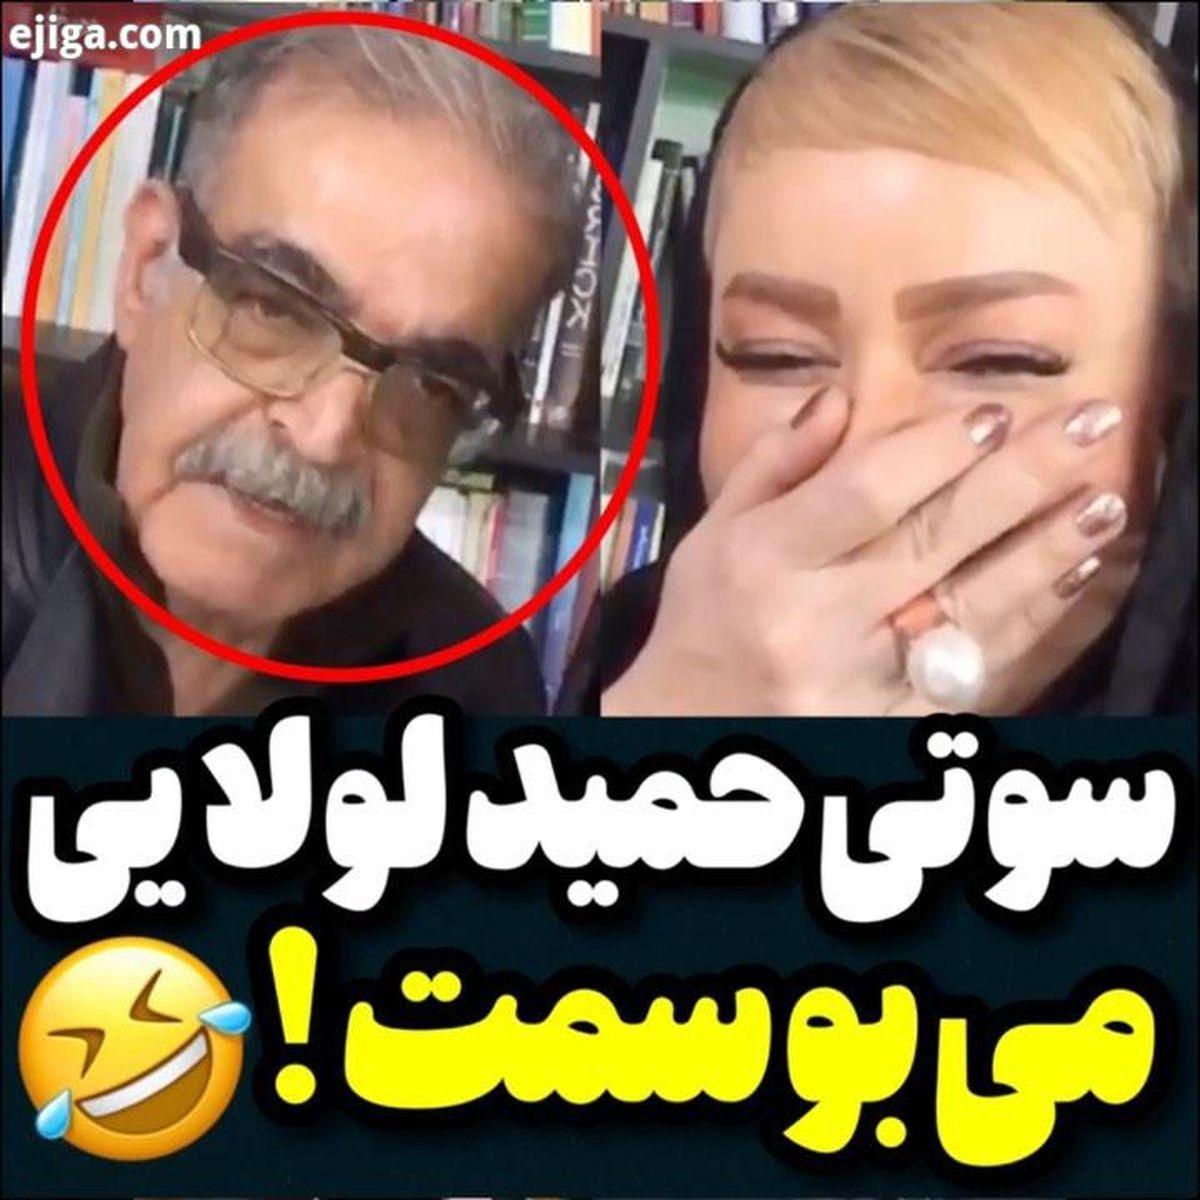 سوتی حمید لولایی در لایو نعیمه نظام دوست، می بوسمت! +فیلم